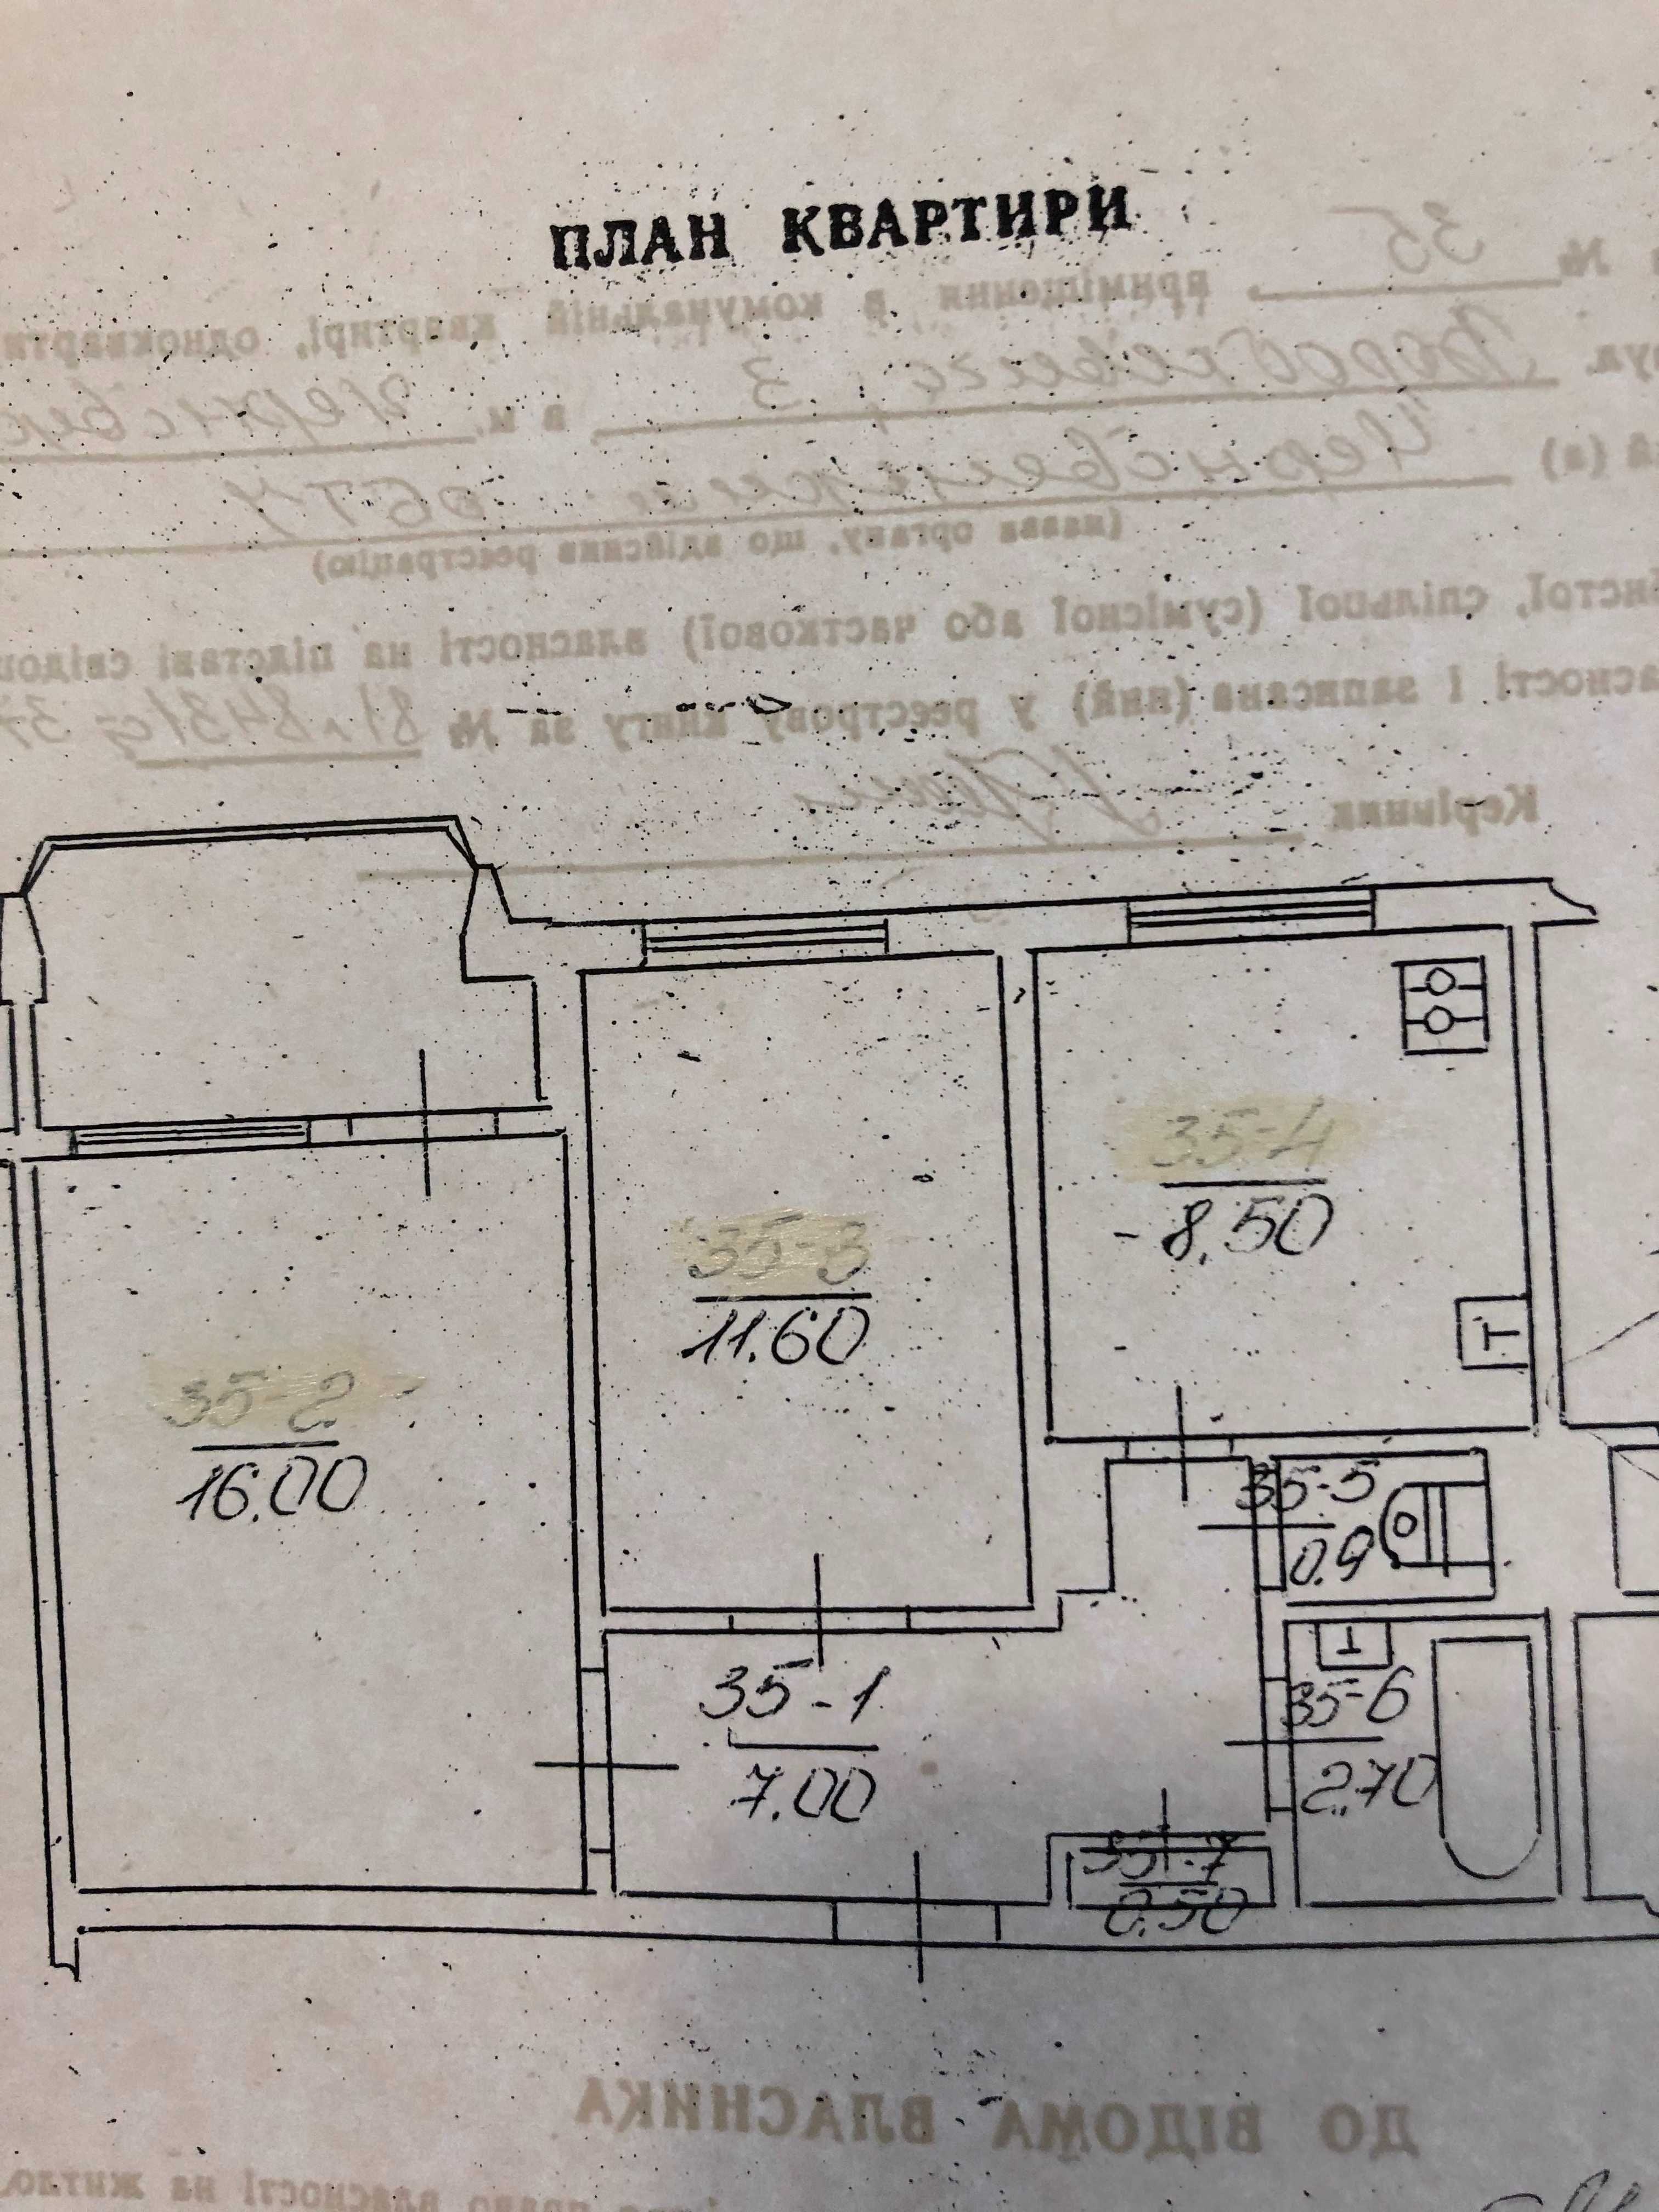 2-х кімн. кварт. вул. Воробкевича 2\9 ідеальне розташування буд.